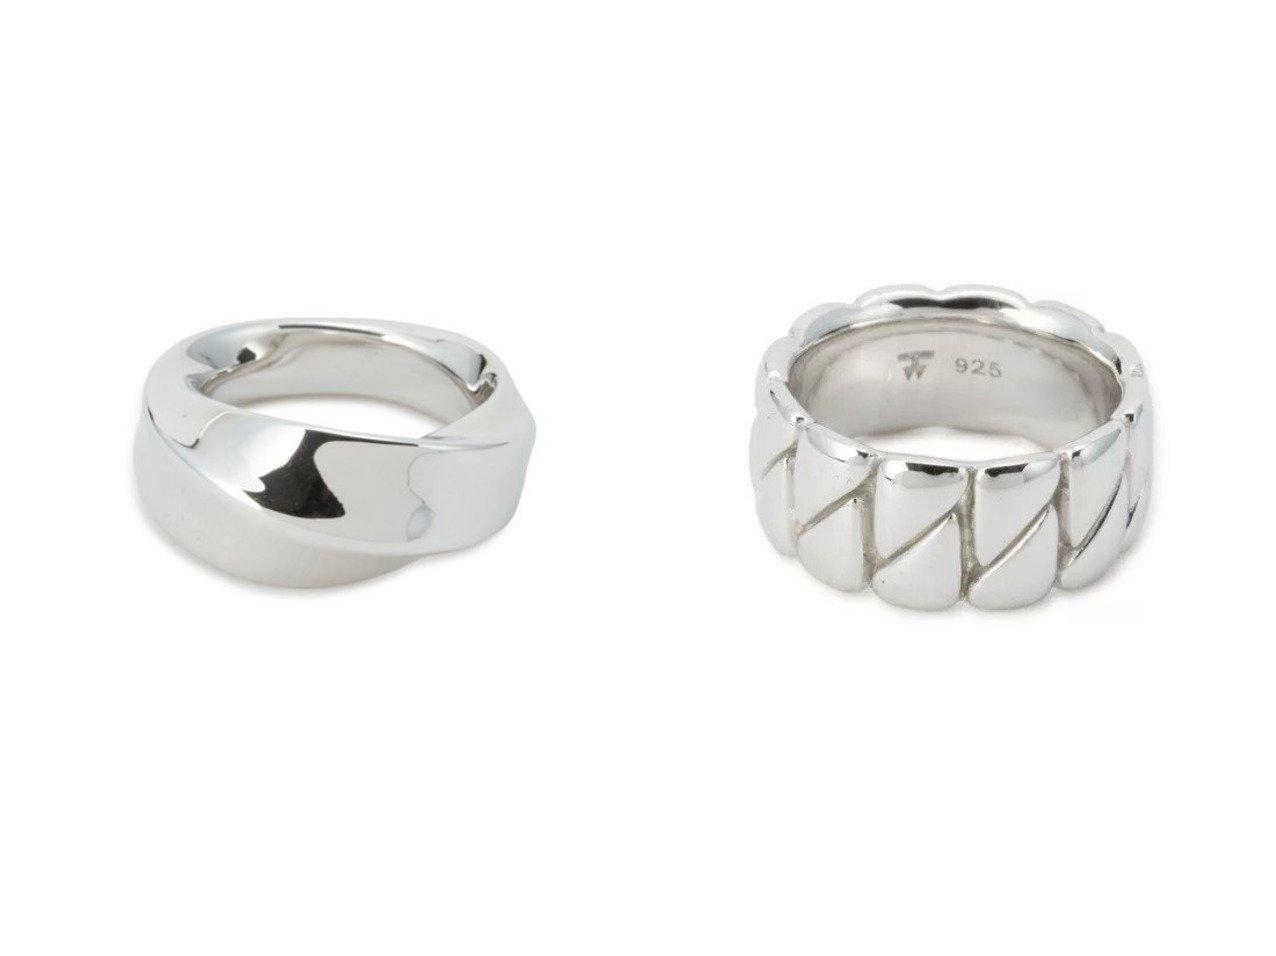 【TOM WOOD/トムウッド】のInfinity Band Large&Drop Ring おすすめ!人気、トレンド・レディースファッションの通販 おすすめで人気の流行・トレンド、ファッションの通販商品 インテリア・家具・メンズファッション・キッズファッション・レディースファッション・服の通販 founy(ファニー) https://founy.com/ ファッション Fashion レディースファッション WOMEN アクセサリー シンプル フォルム モチーフ シルバー ドロップ マニッシュ |ID:crp329100000062520